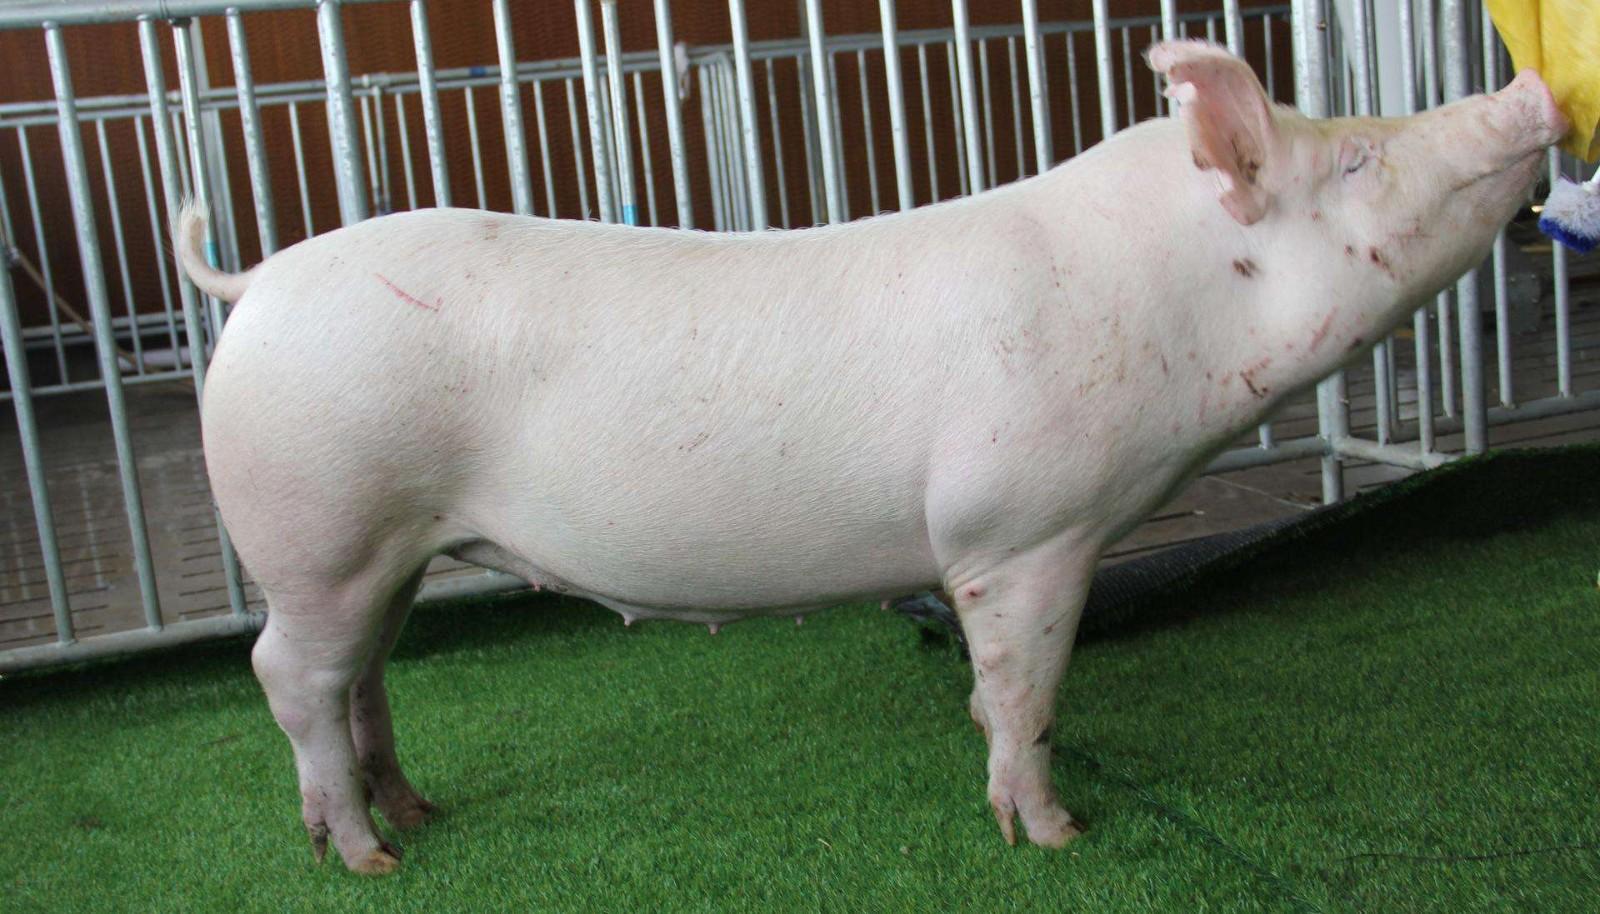 08月16日猪价:企稳上涨!消费旺季进入倒计时!